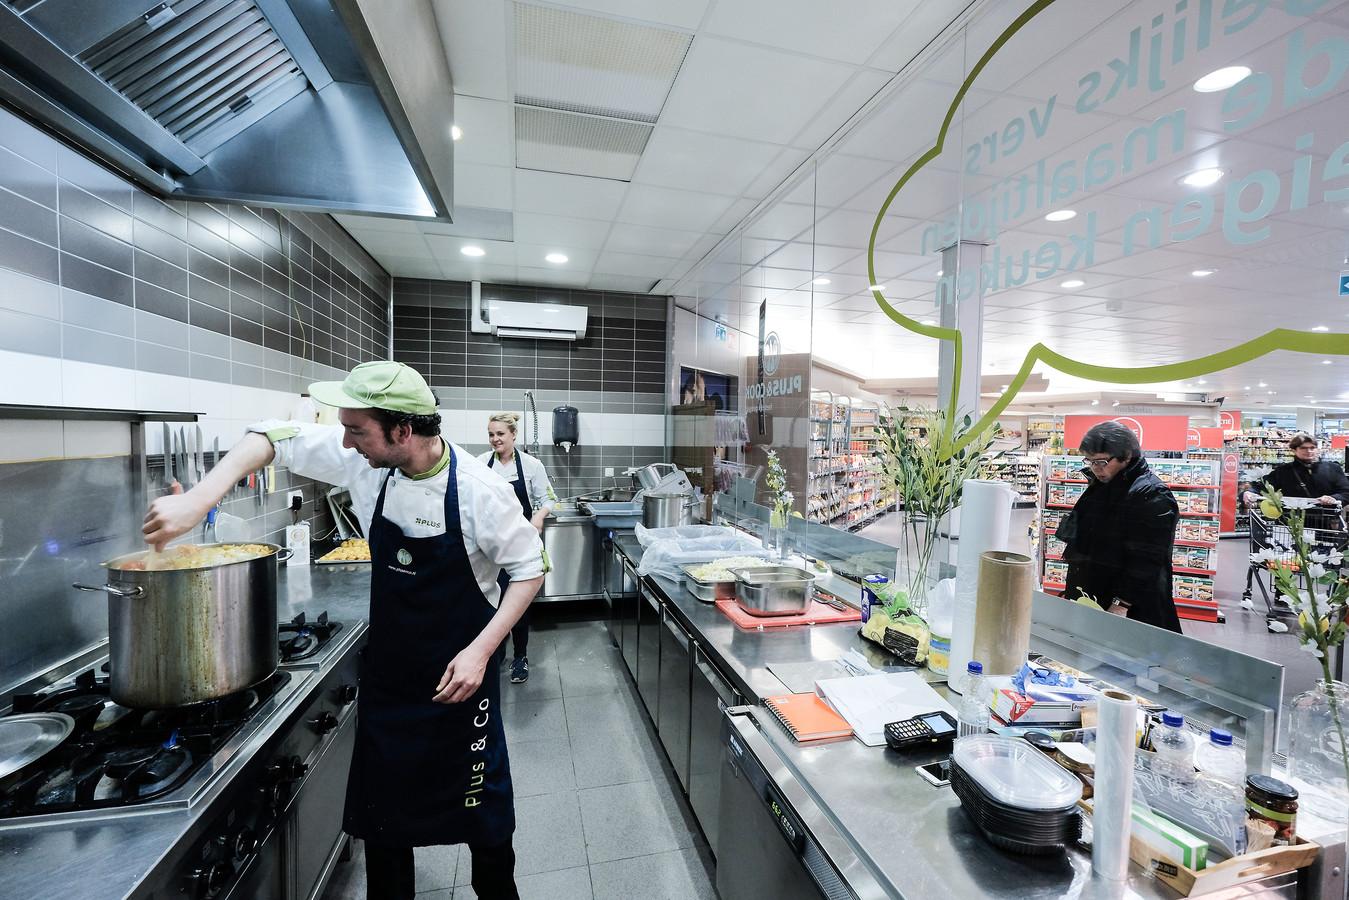 Live koken met bijna-over-de-datum bij Plus in Winterswijk.